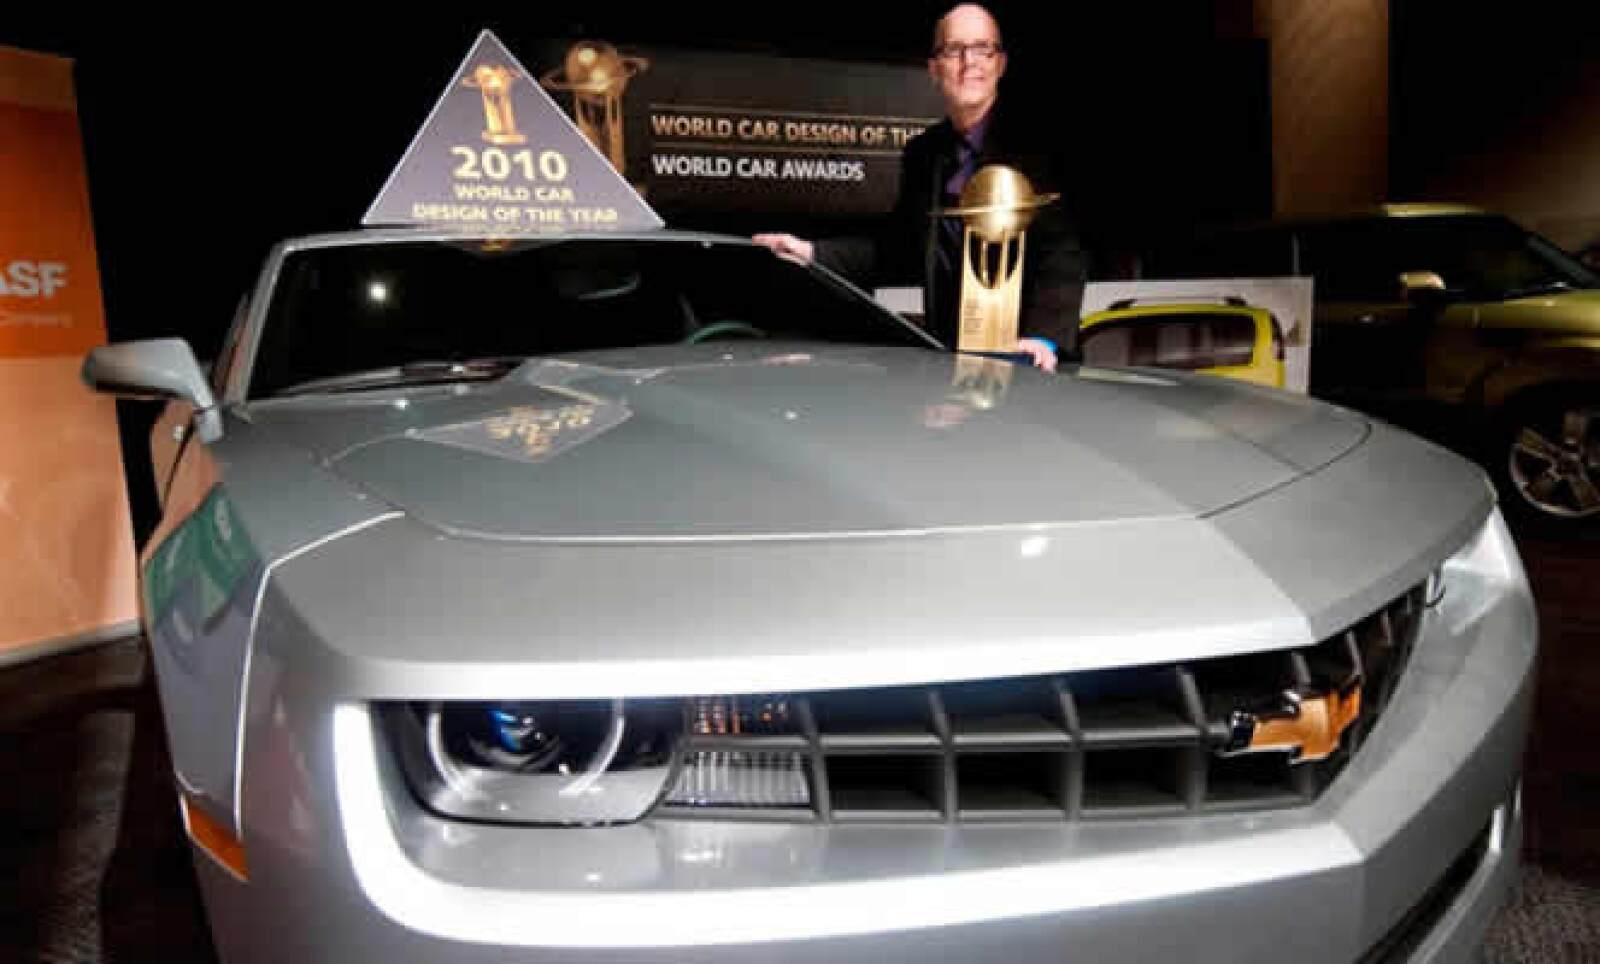 """El Chrevrolet Camaro fue reconocido en el Autoshow Internacional de Nueva York 2010 con el """"World Car Design of the Year"""". El premio lo recibió Tom Peters, Director de Diseño Chevrolet para Vehículos de Alto Desempeño."""